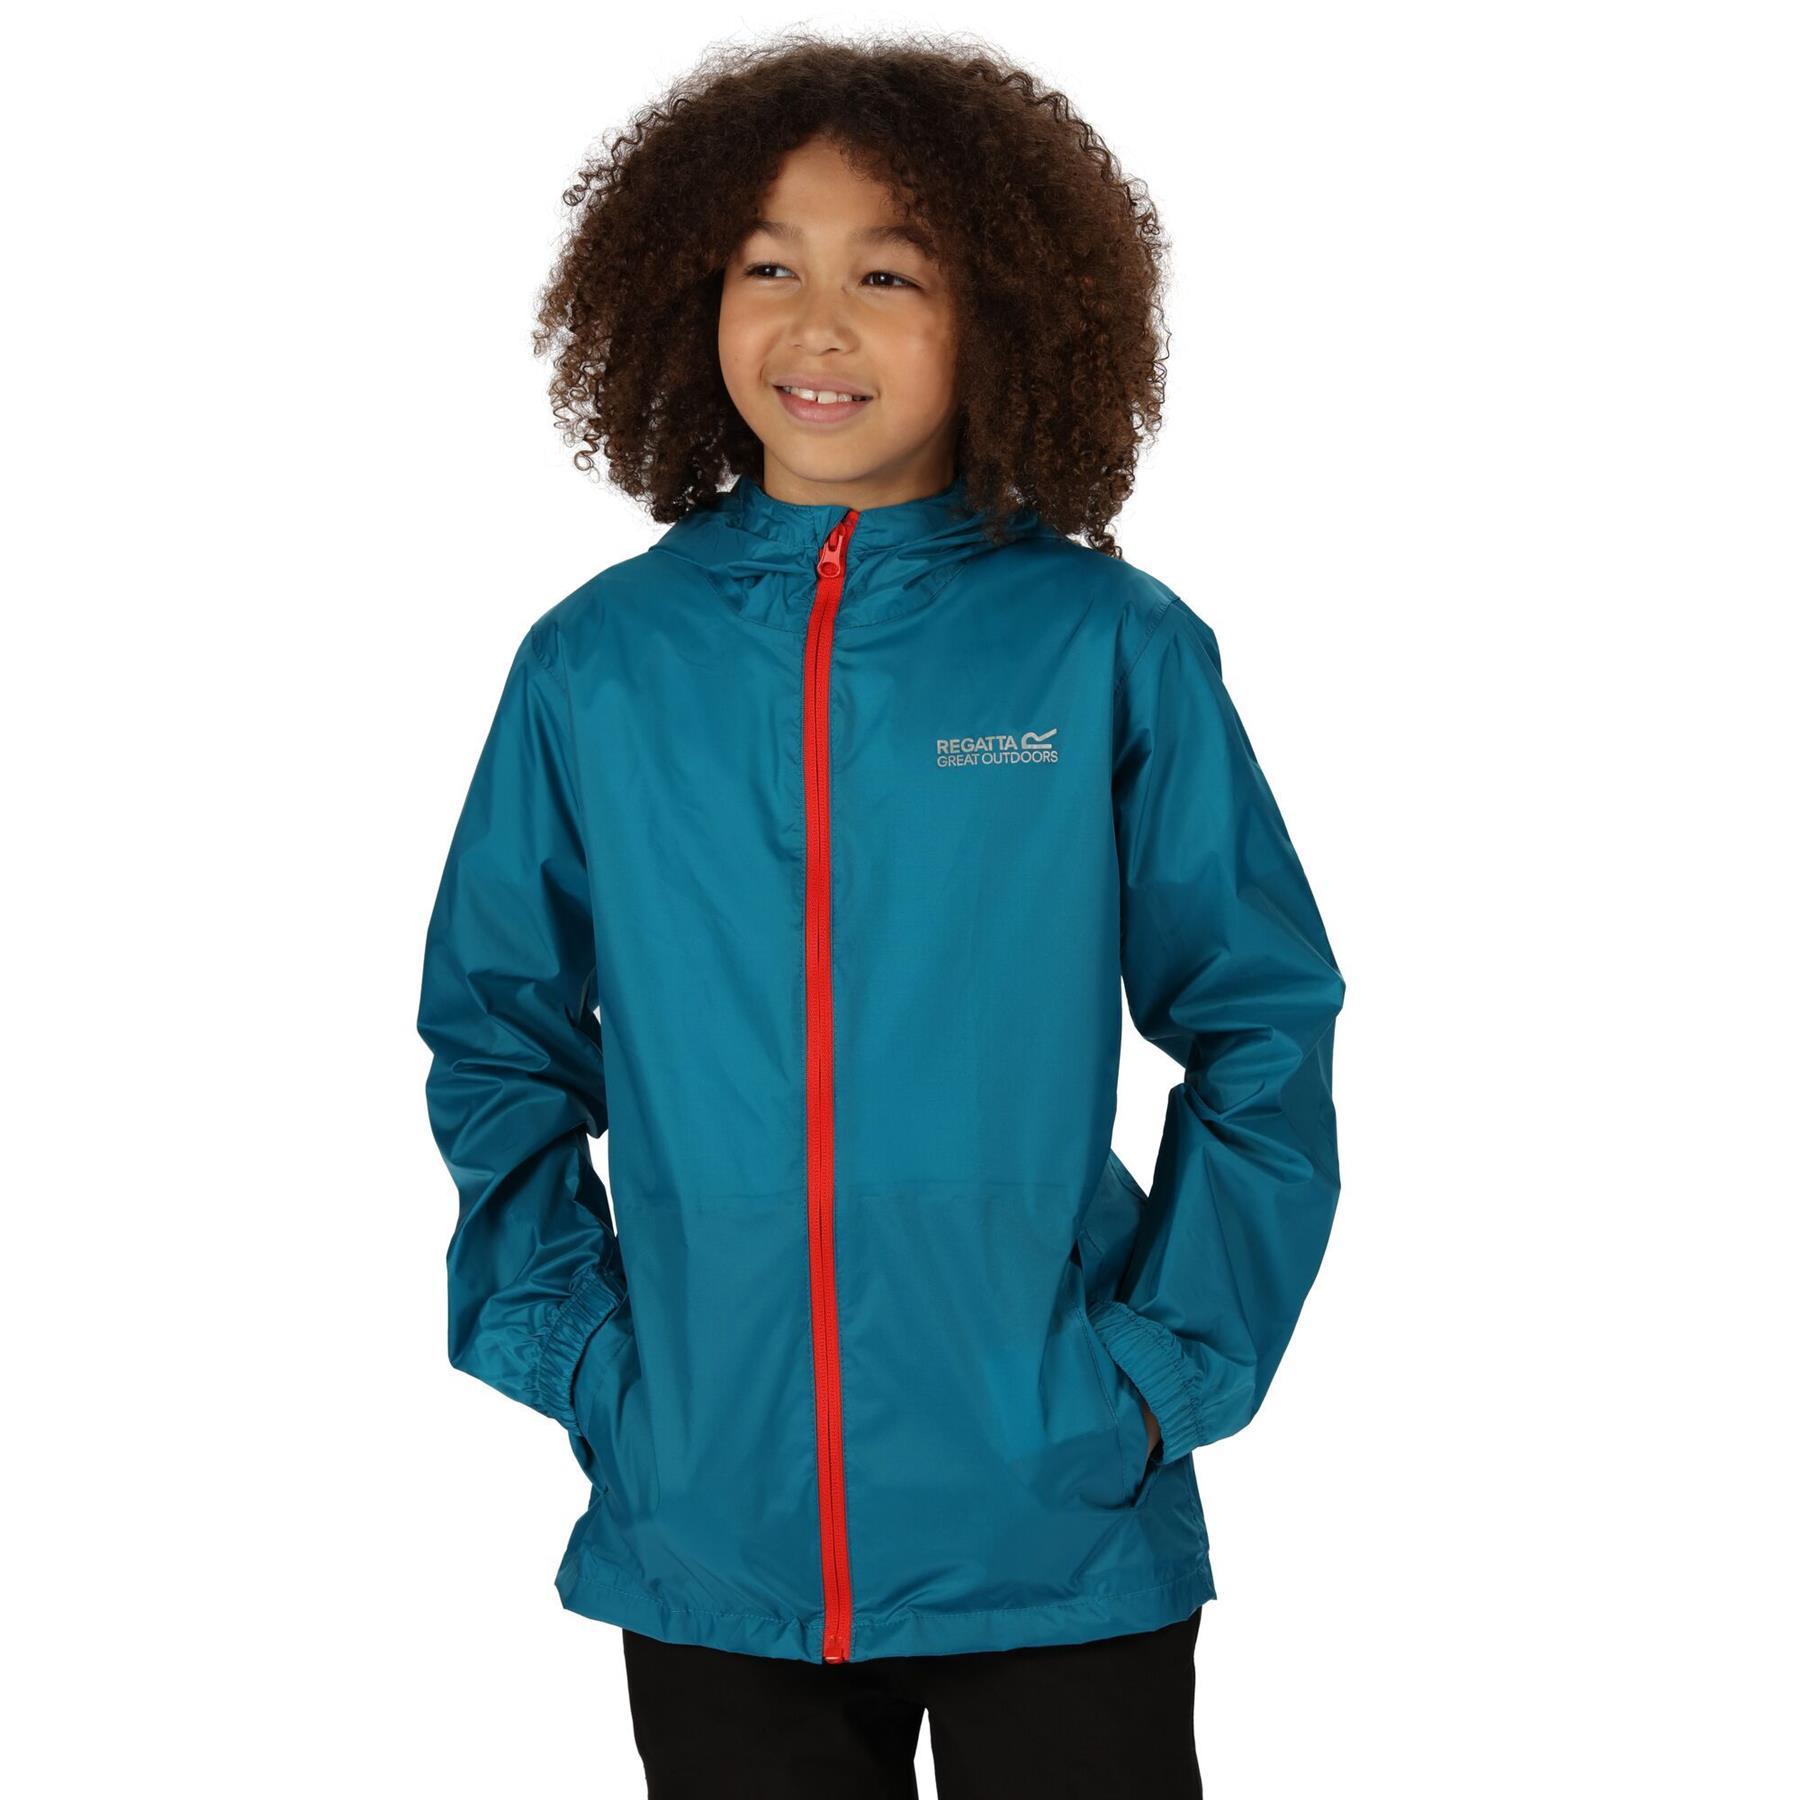 miniatuur 30 - Regatta Kids Pack it Jacket II Lightweight Waterproof Packaway Jacket Boys Girls